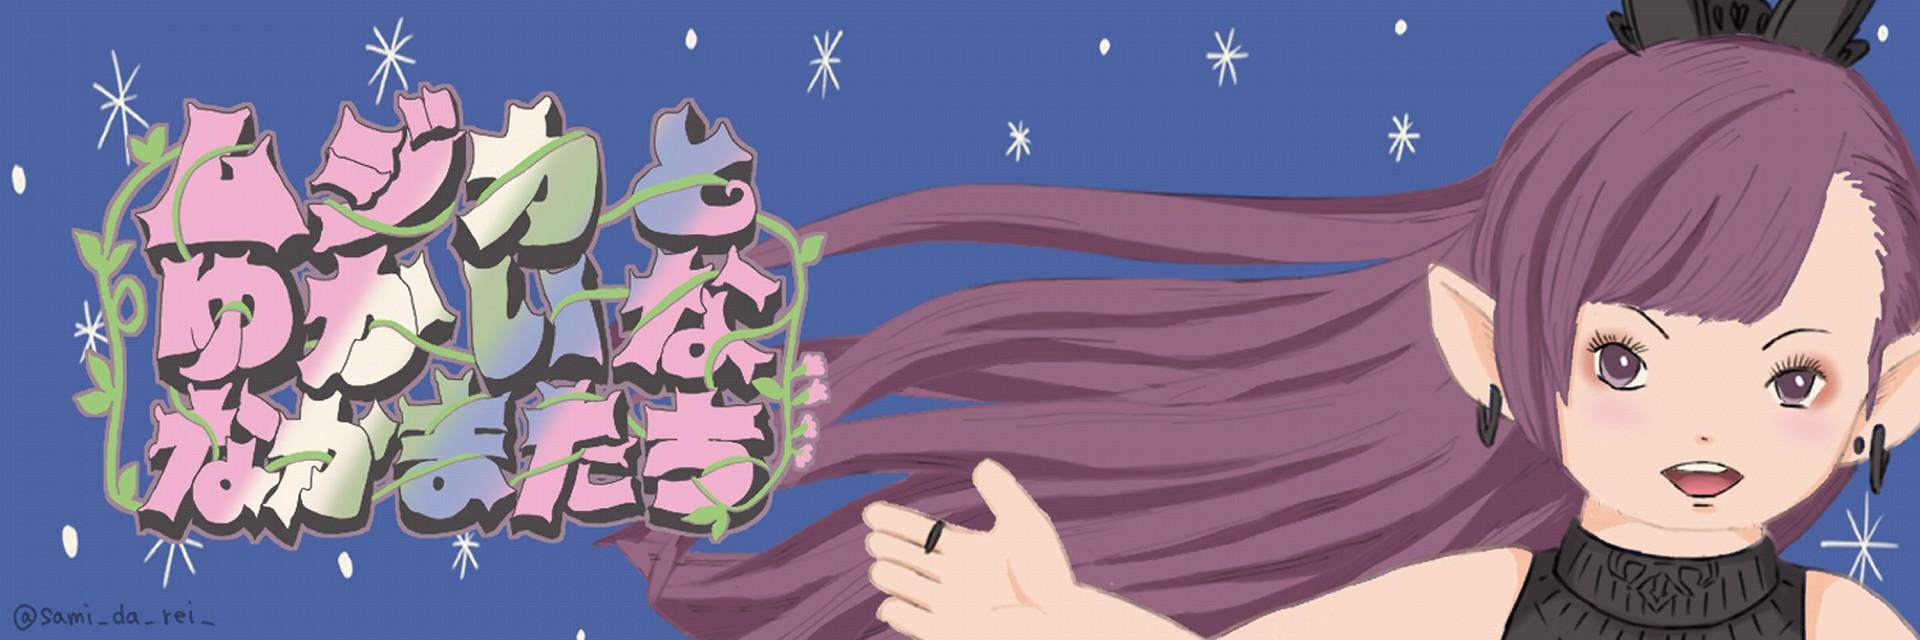 f:id:ryoushitsu-musica:20210710200952j:image